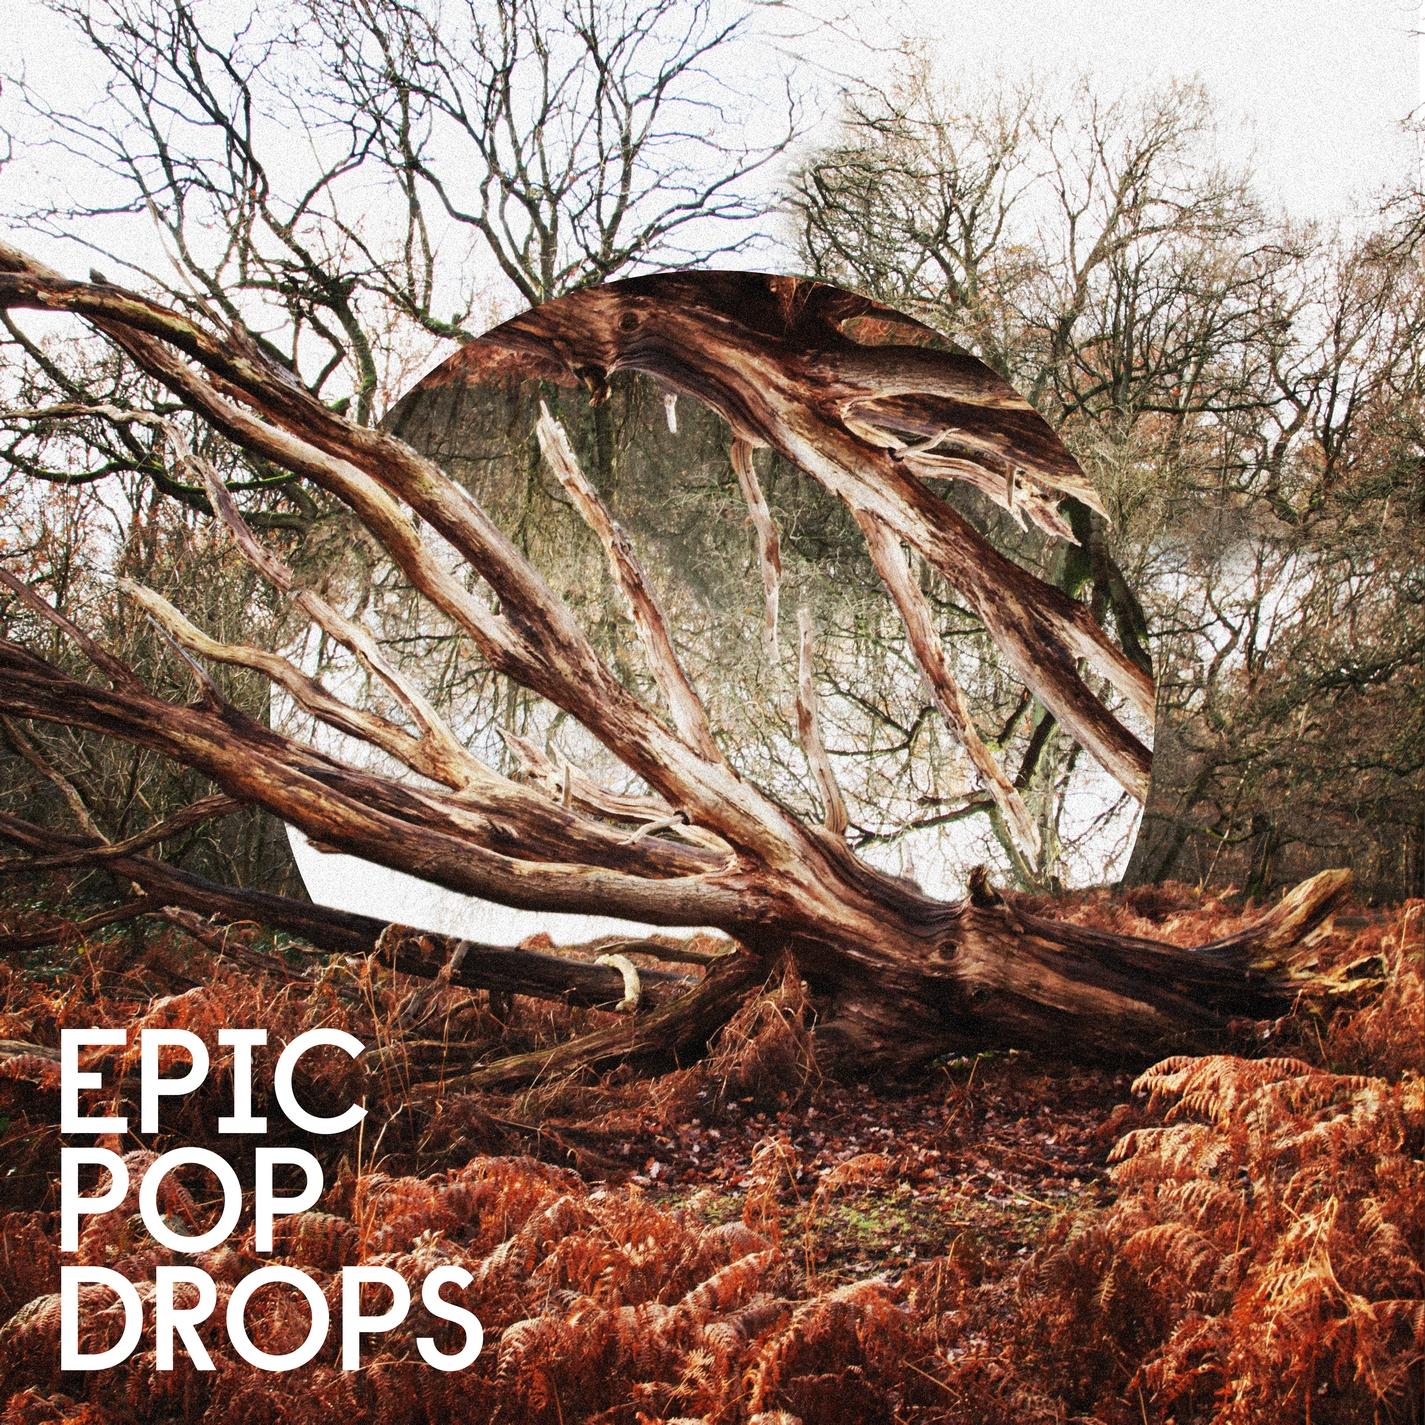 Epic Pop Drops